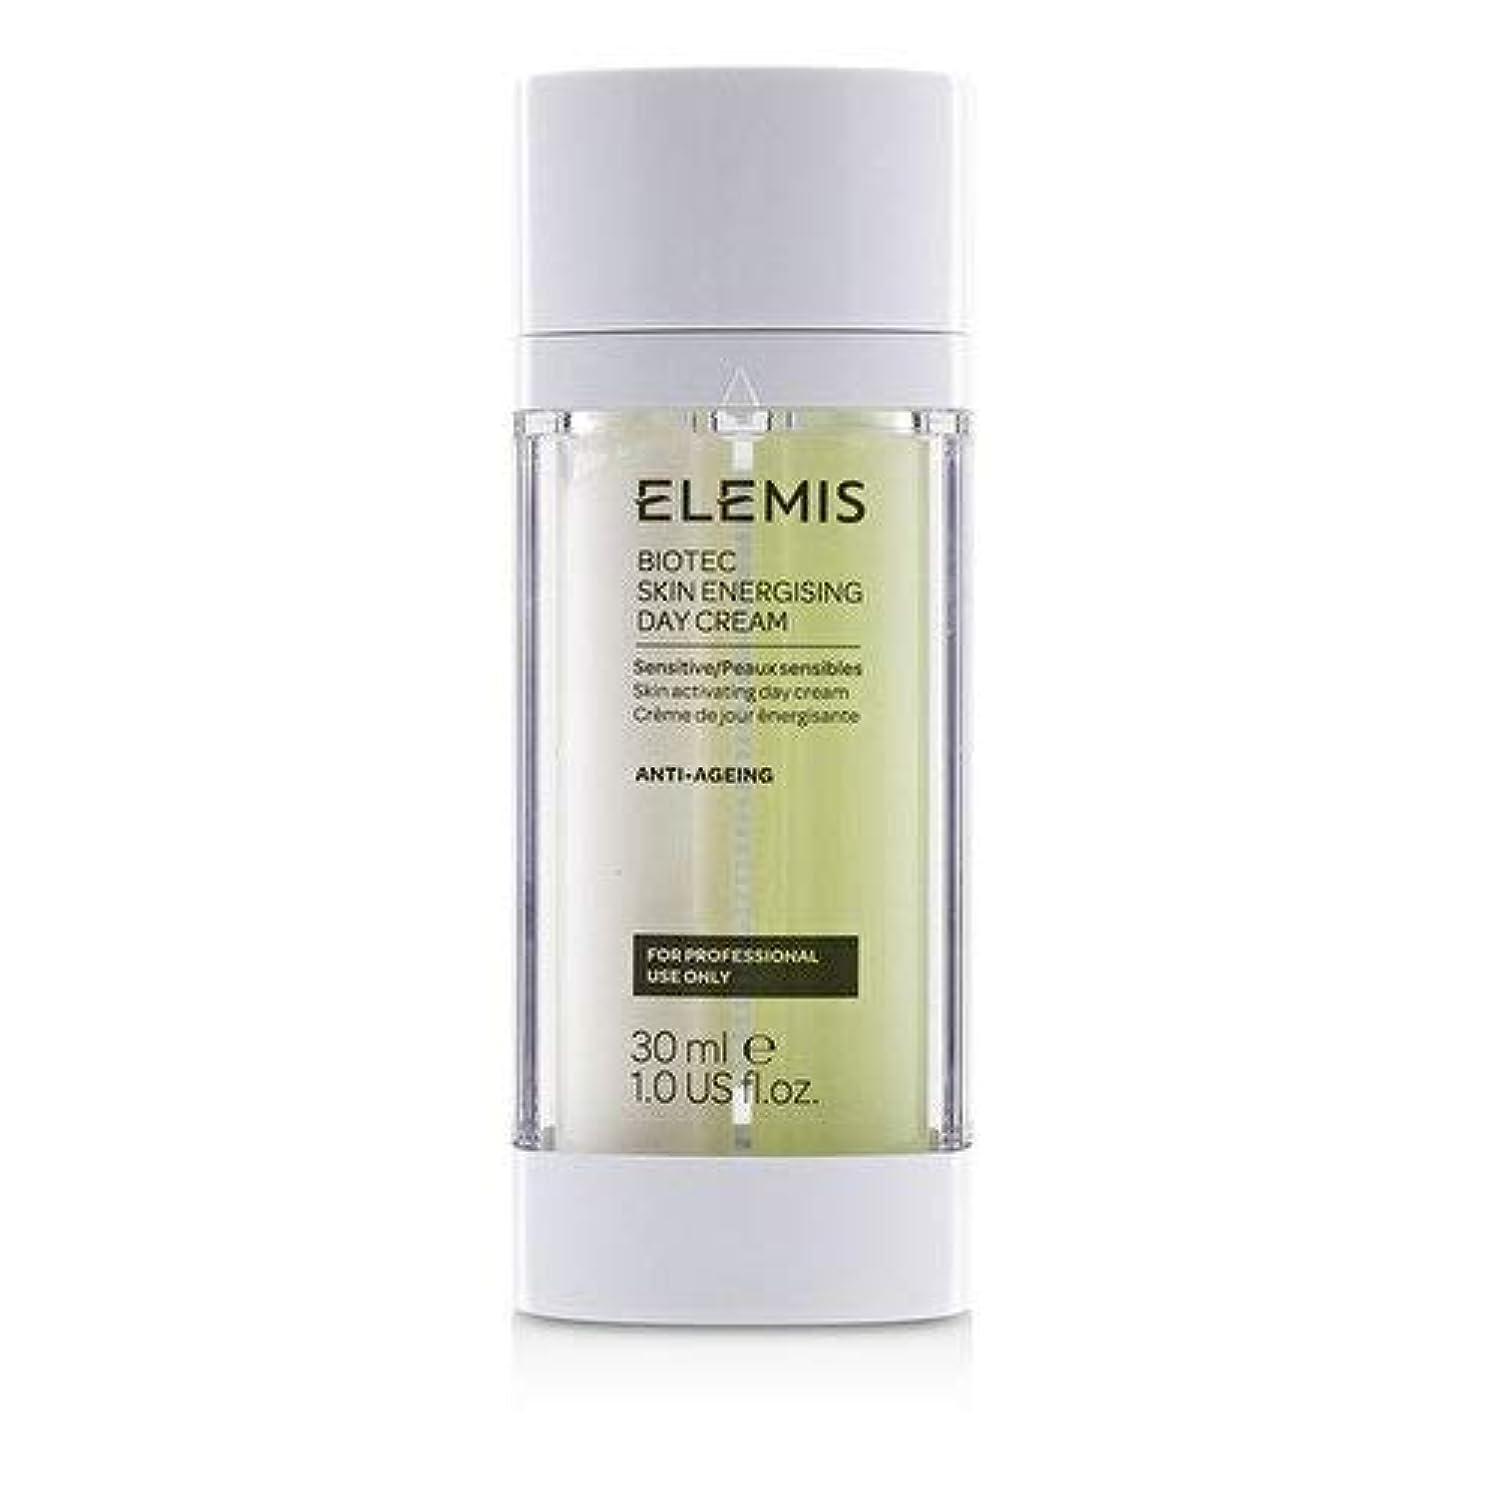 青写真コーナーヘアエレミス BIOTEC Skin Energising Day Cream - Sensitive (Salon Product) 30ml/1oz並行輸入品